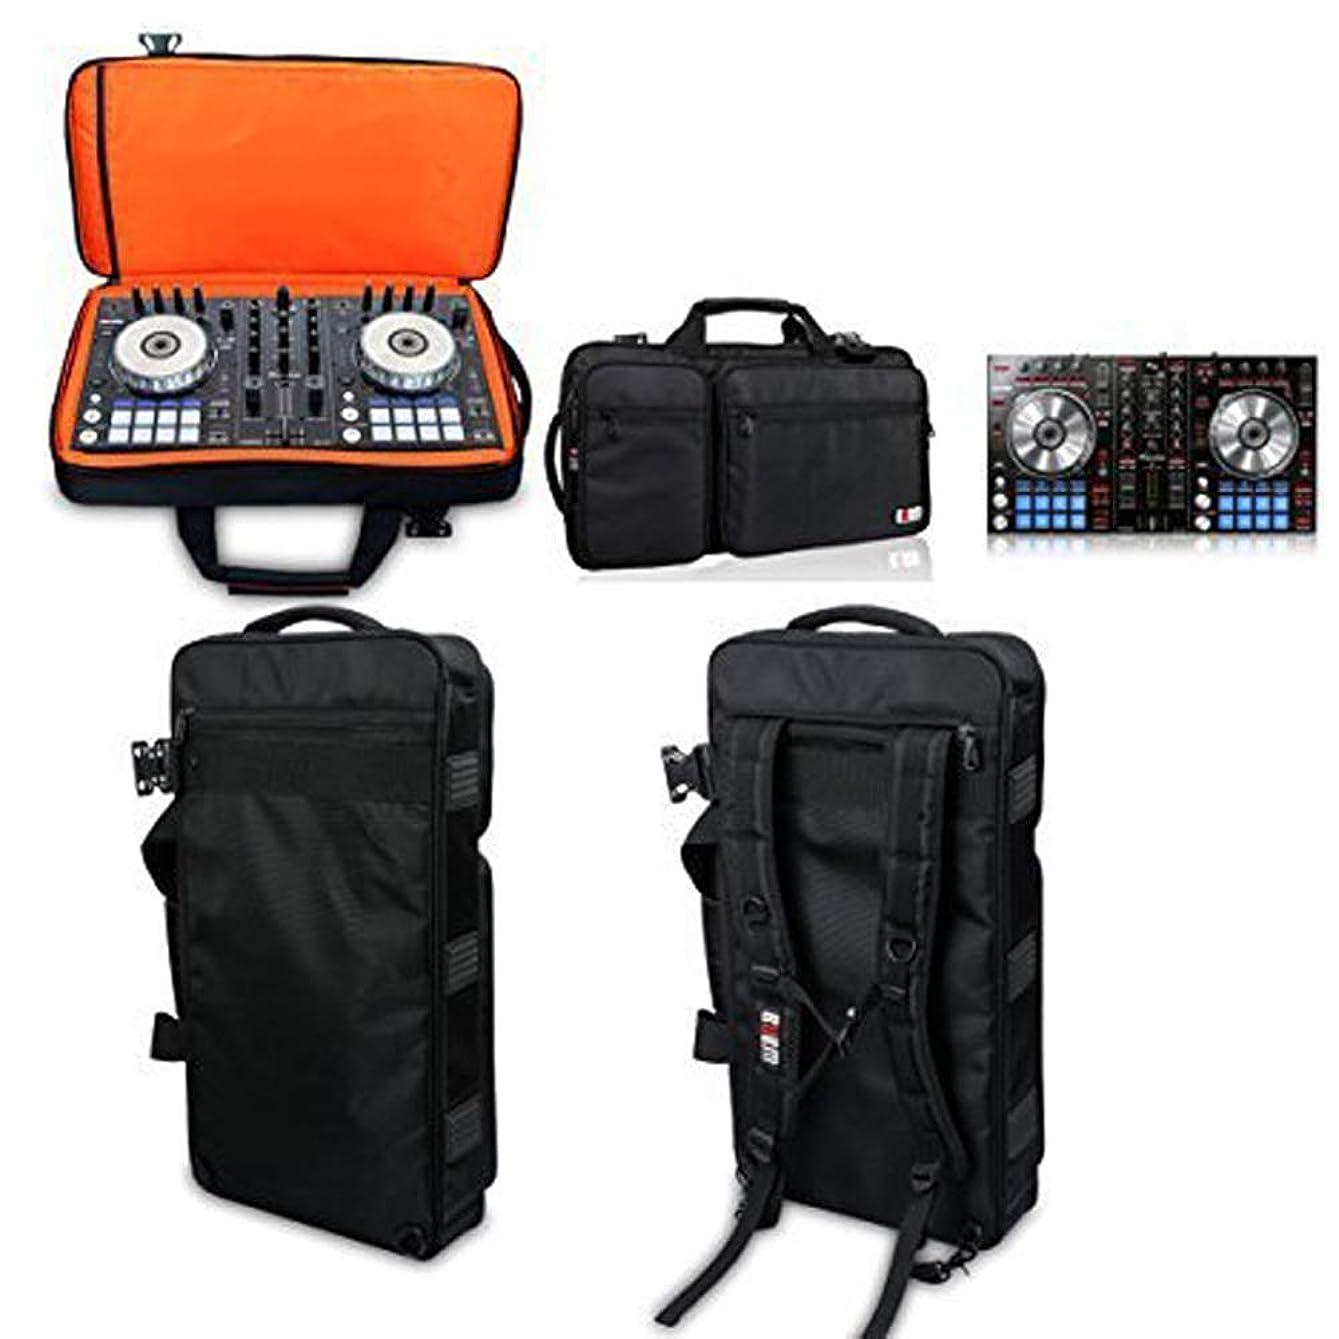 同行する一流不良品BUBM プロフェッショナルなプロテクターバッグ 旅行リュックサックPioneer 「Serato DJ」専用 DJコントローラー DDJ SR